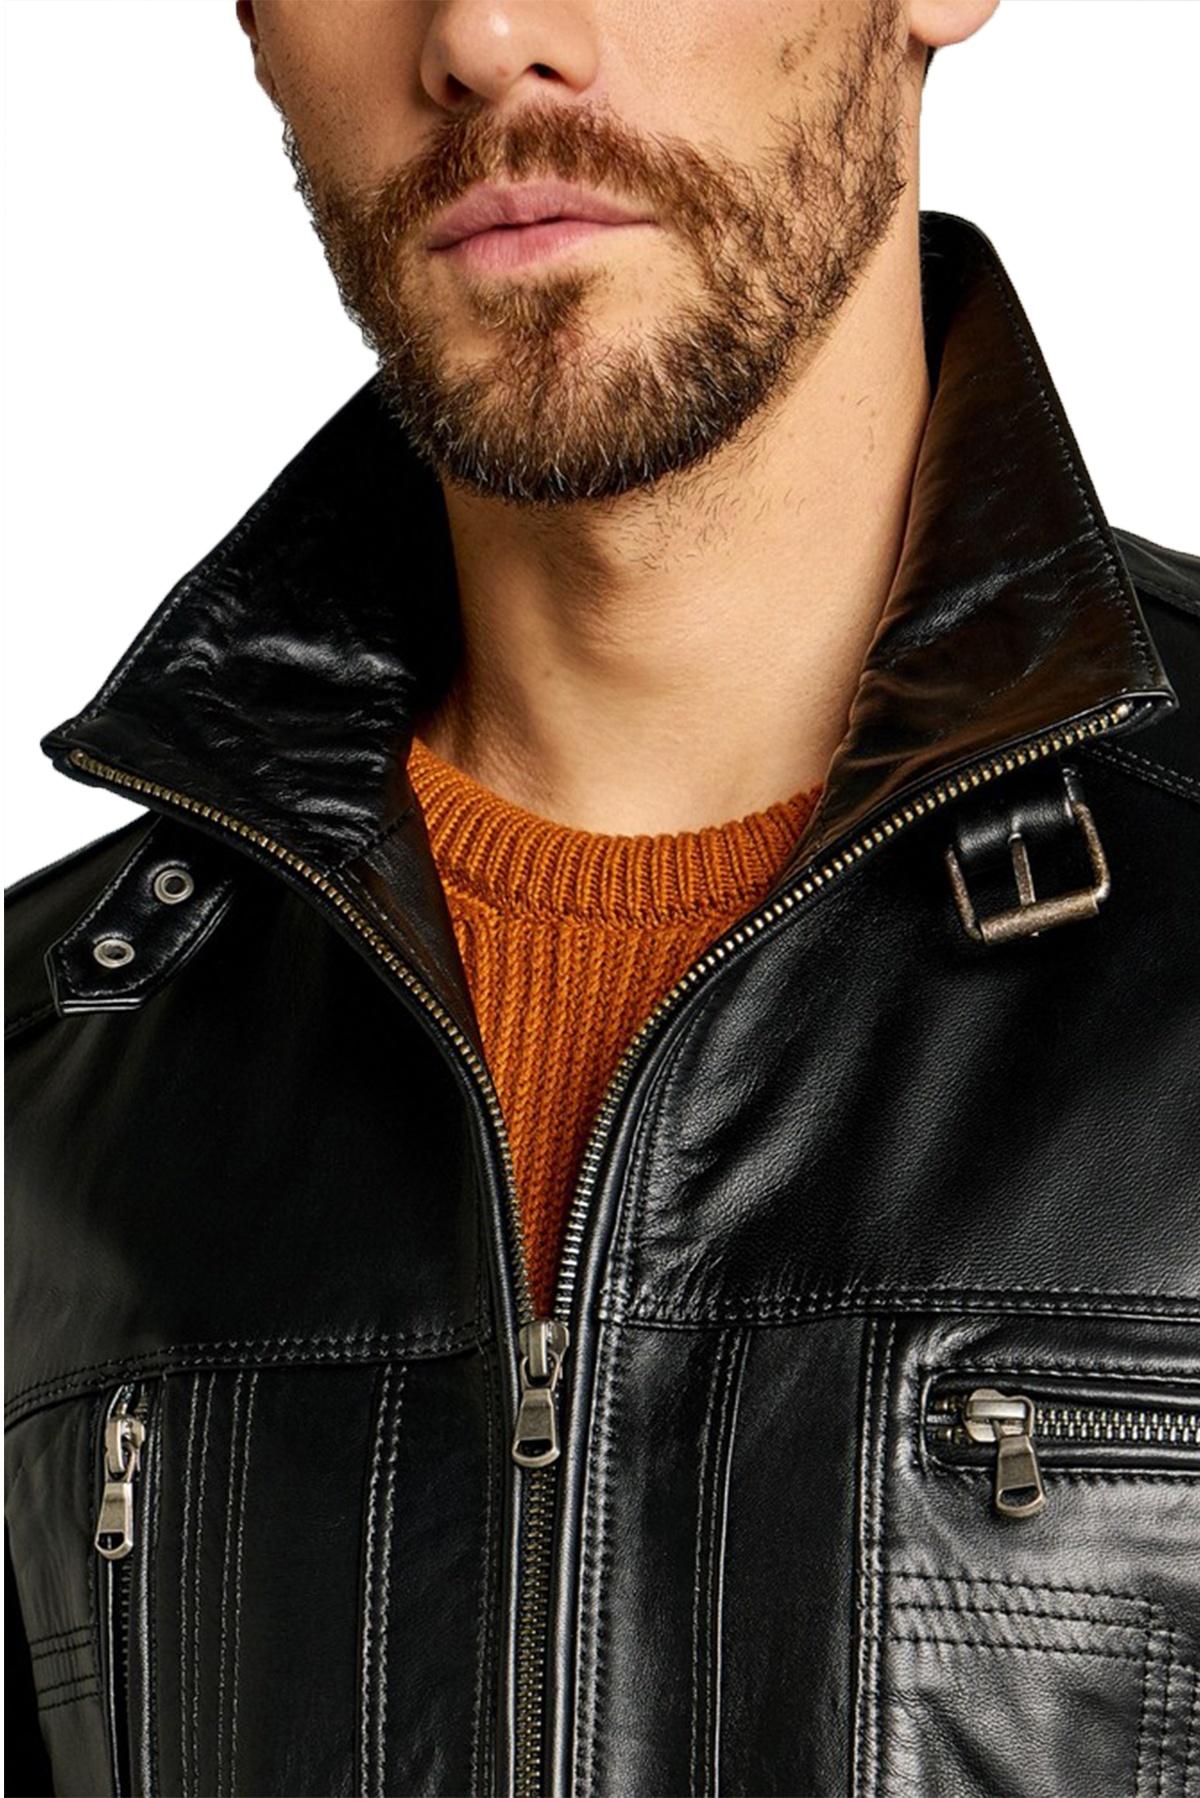 leather jacket guy